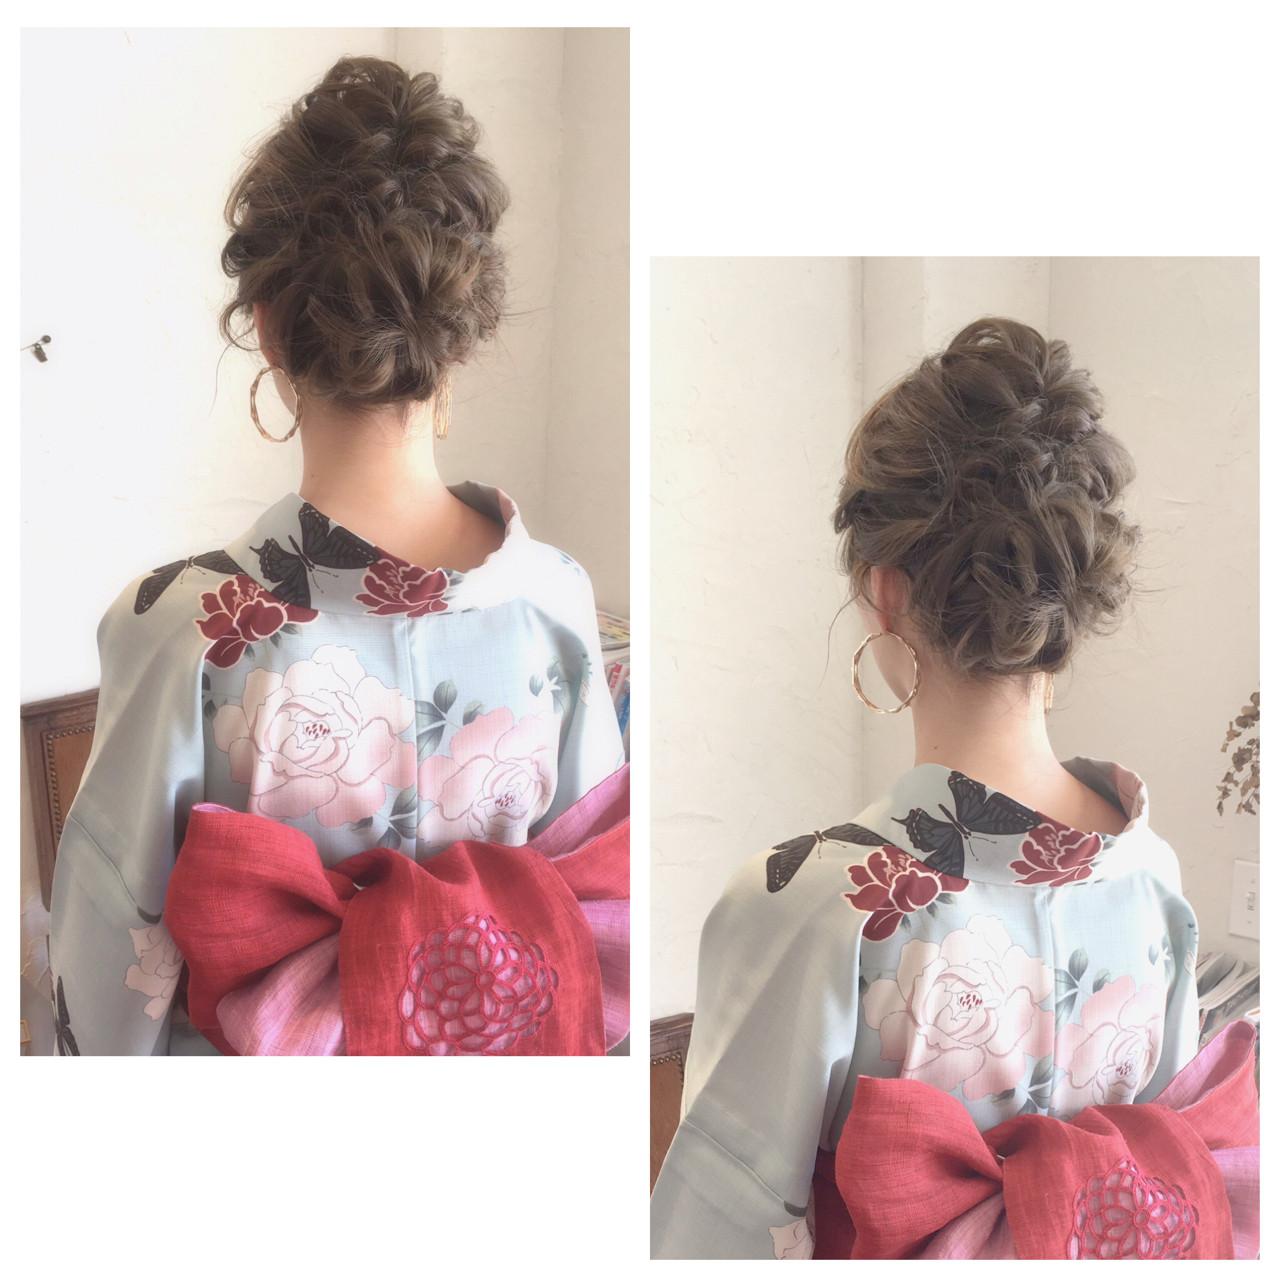 和装 ヘアアレンジ ロング お祭り ヘアスタイルや髪型の写真・画像 | 川内道子 instagram→michiko_k / Noelle インスタ→michiko_k